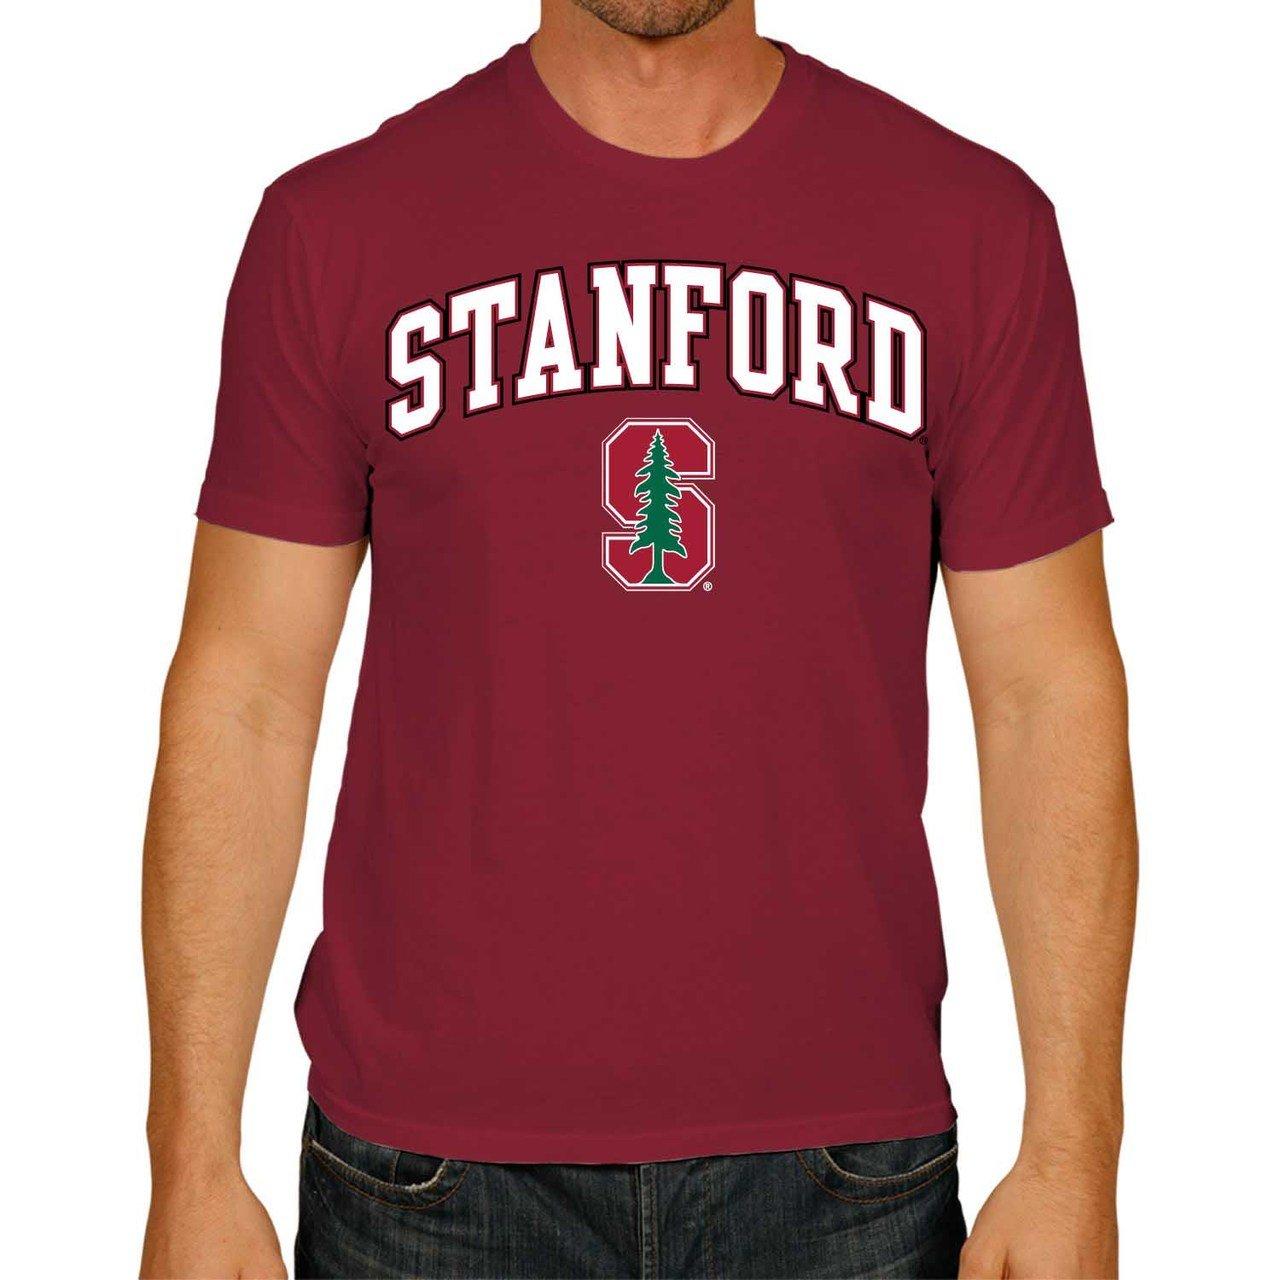 人気の Stanford CardinalアーチwithロゴTシャツ B00ITWSMZQ Large Large レッド レッド B00ITWSMZQ, CRAFT NAVI:5a253816 --- a0267596.xsph.ru